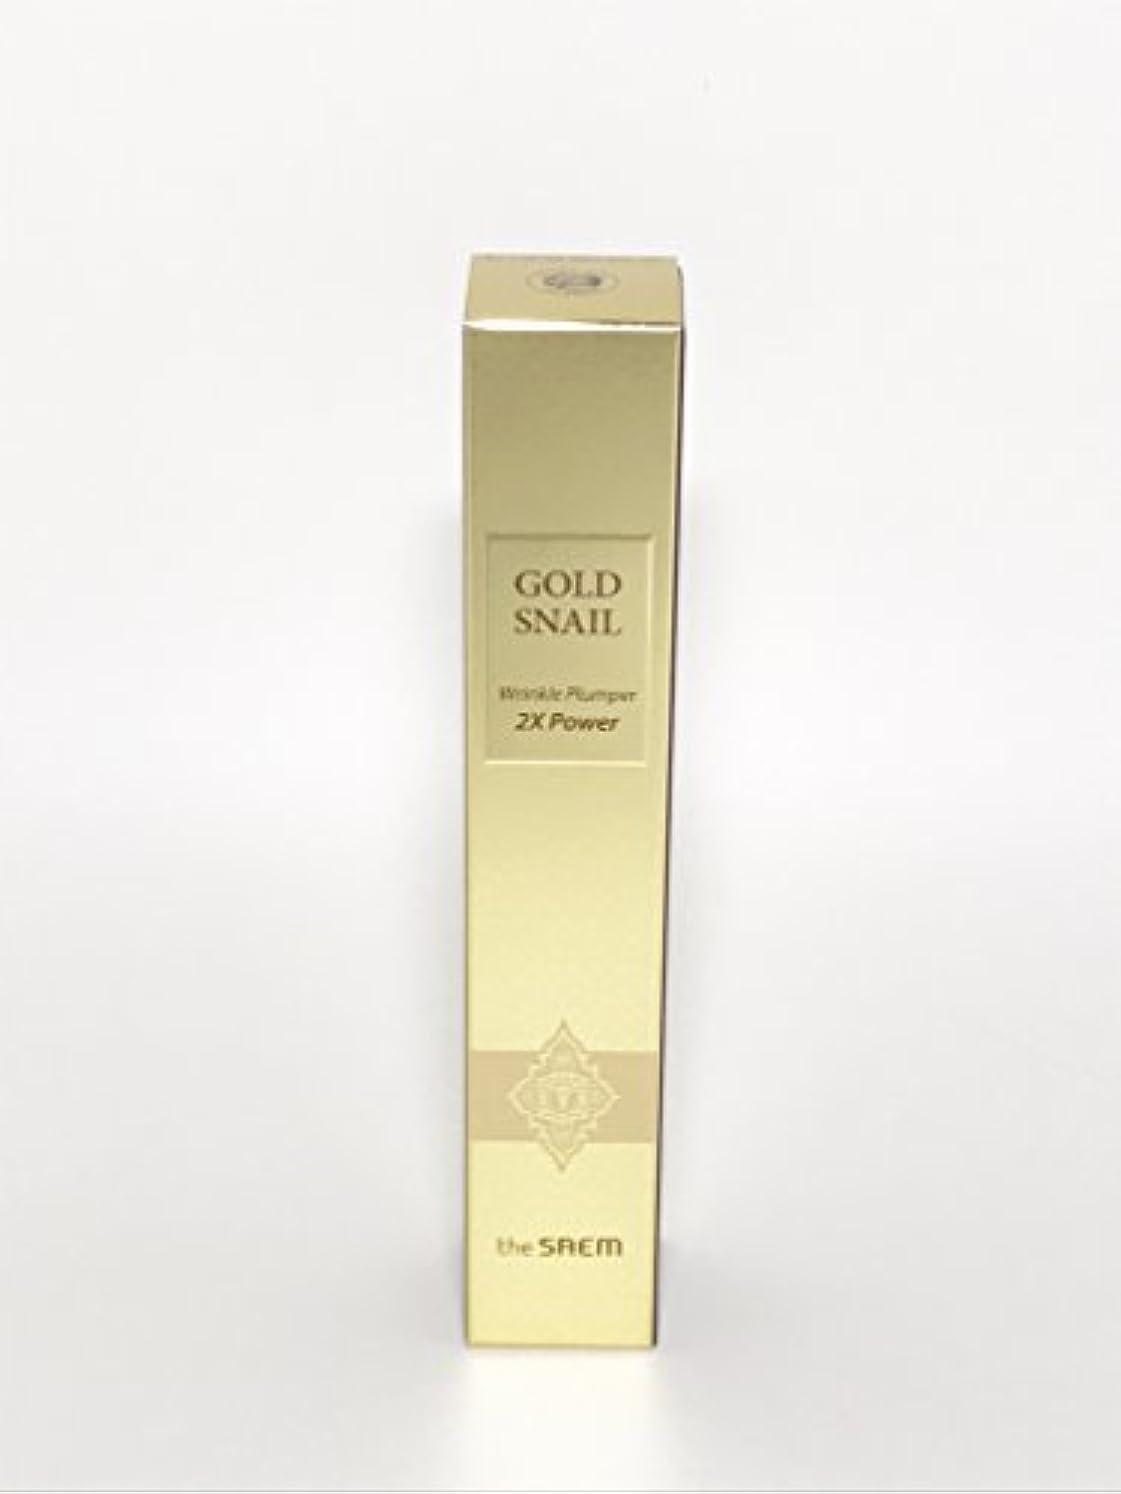 希望に満ちたブーム端GOLD SNAIL Wrinkle Plumper 2×Power ゴールドスネイル リンクルプランパー 2×パワー【並行輸入品】